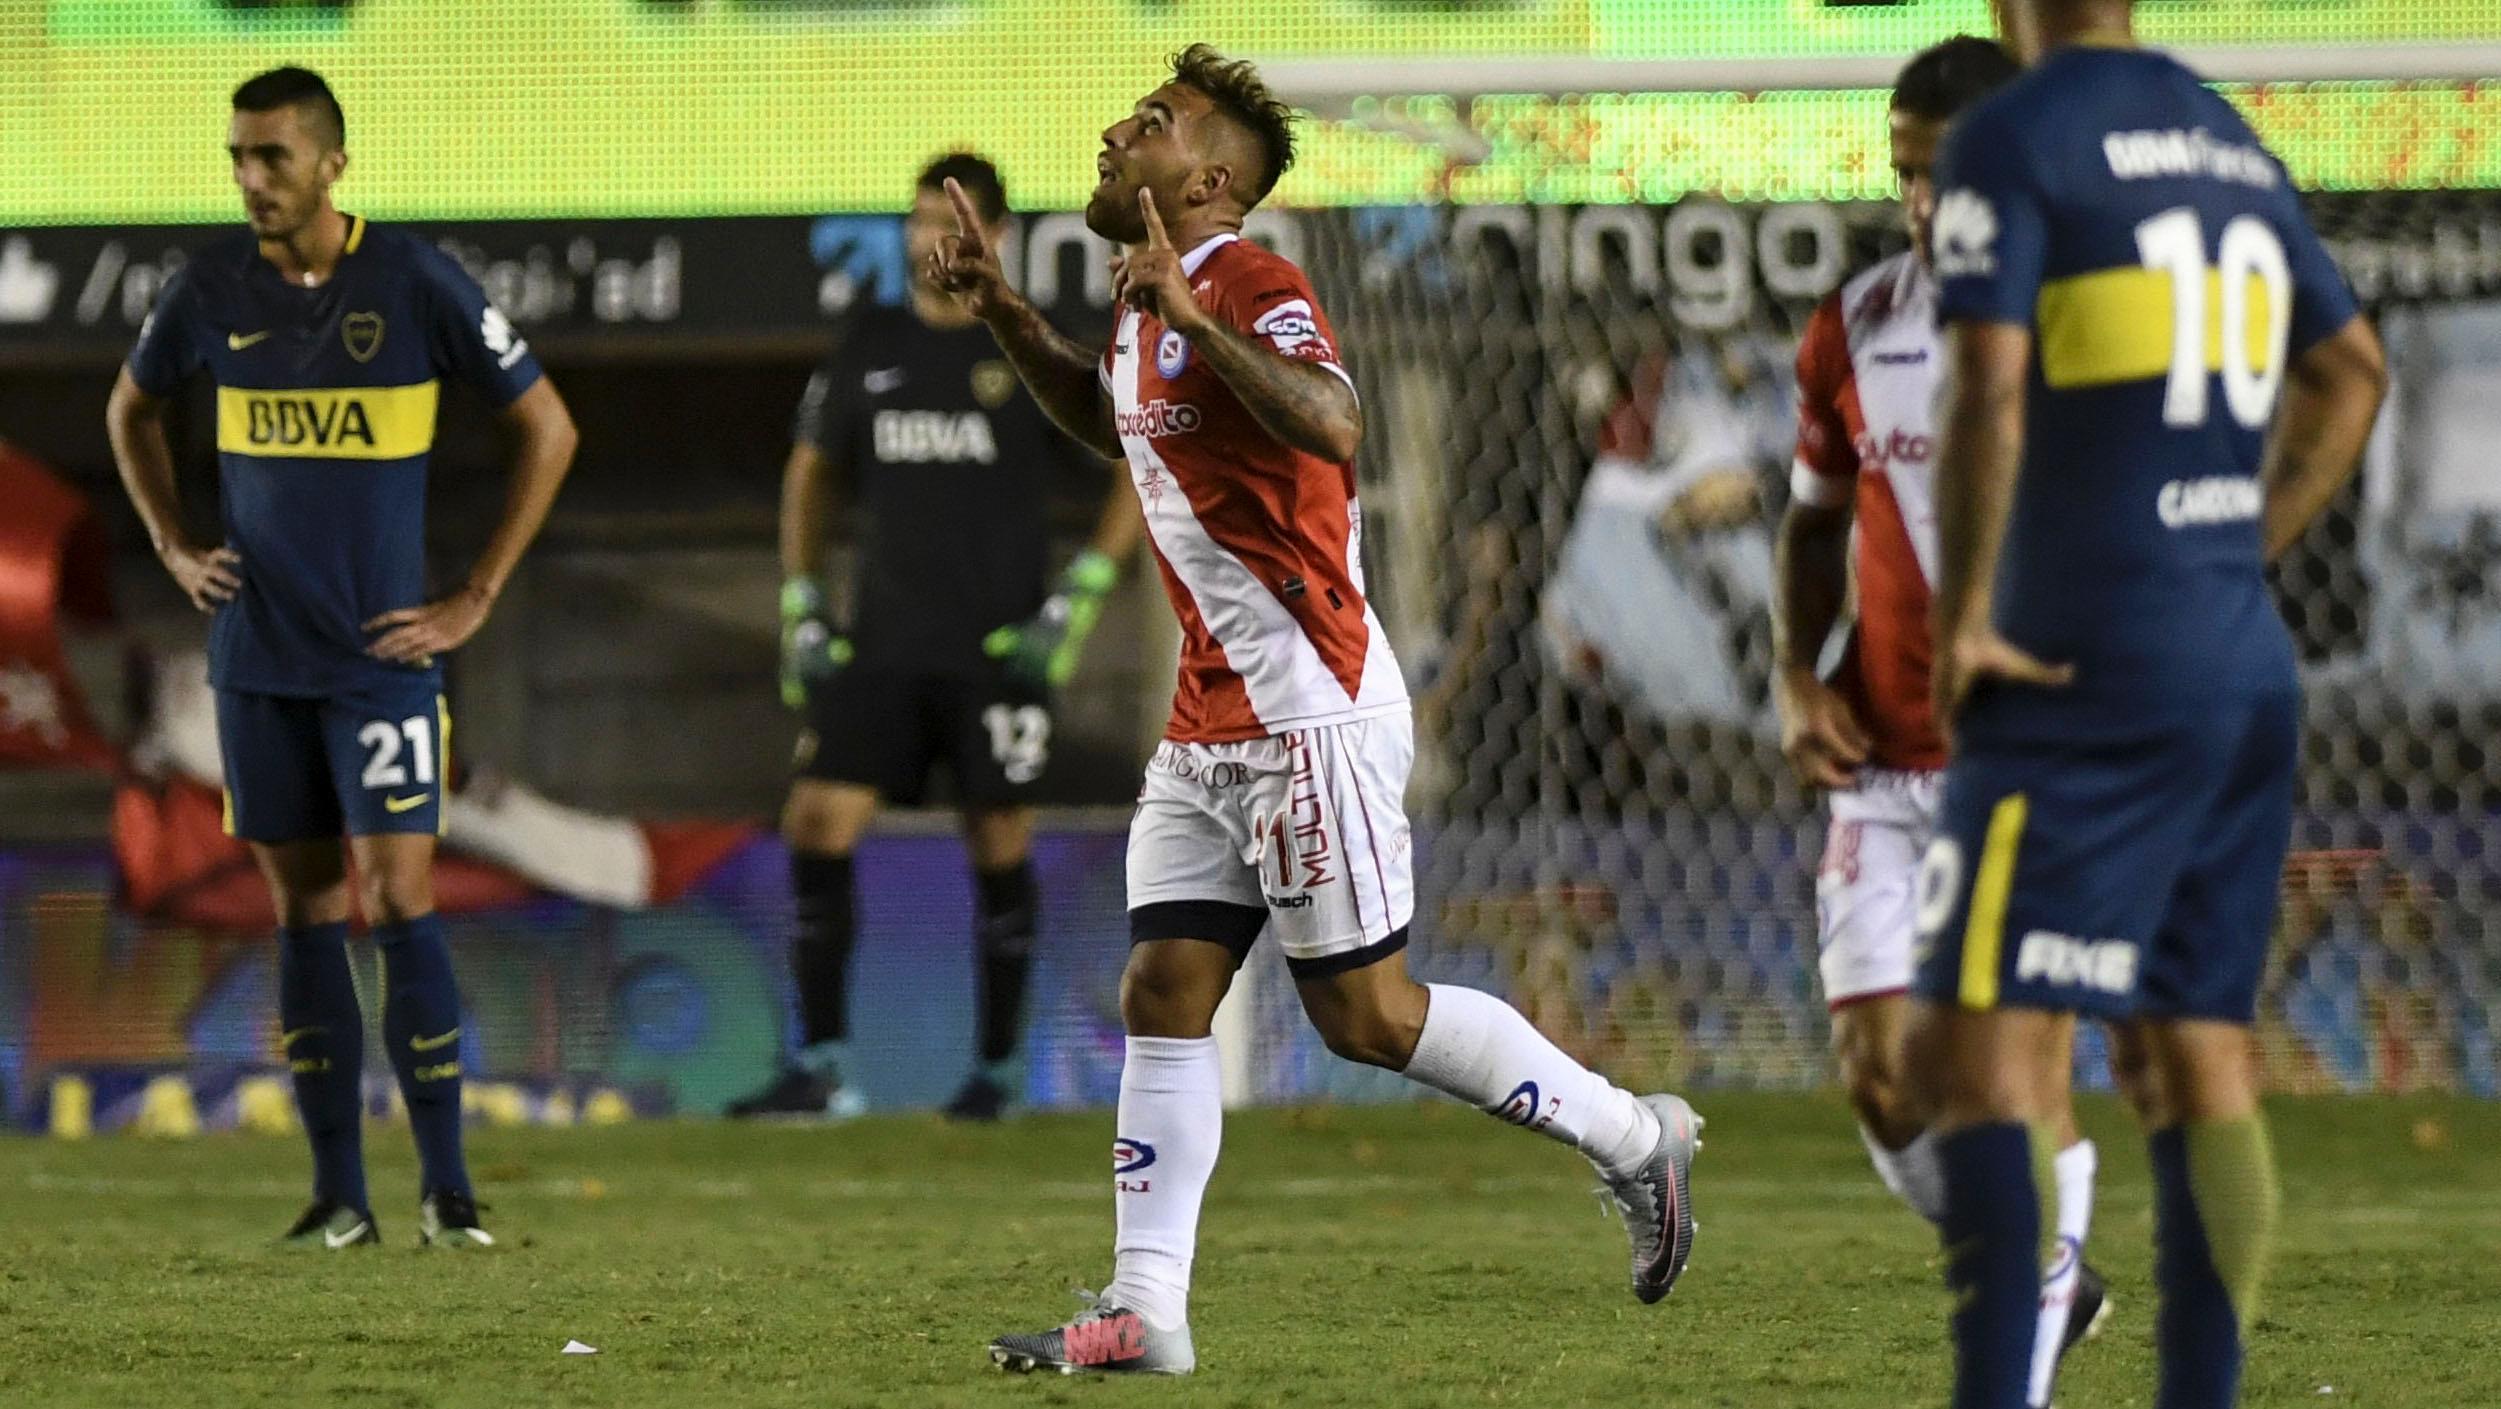 Batallini marcó el segundo del partido. (Foto: Télam)